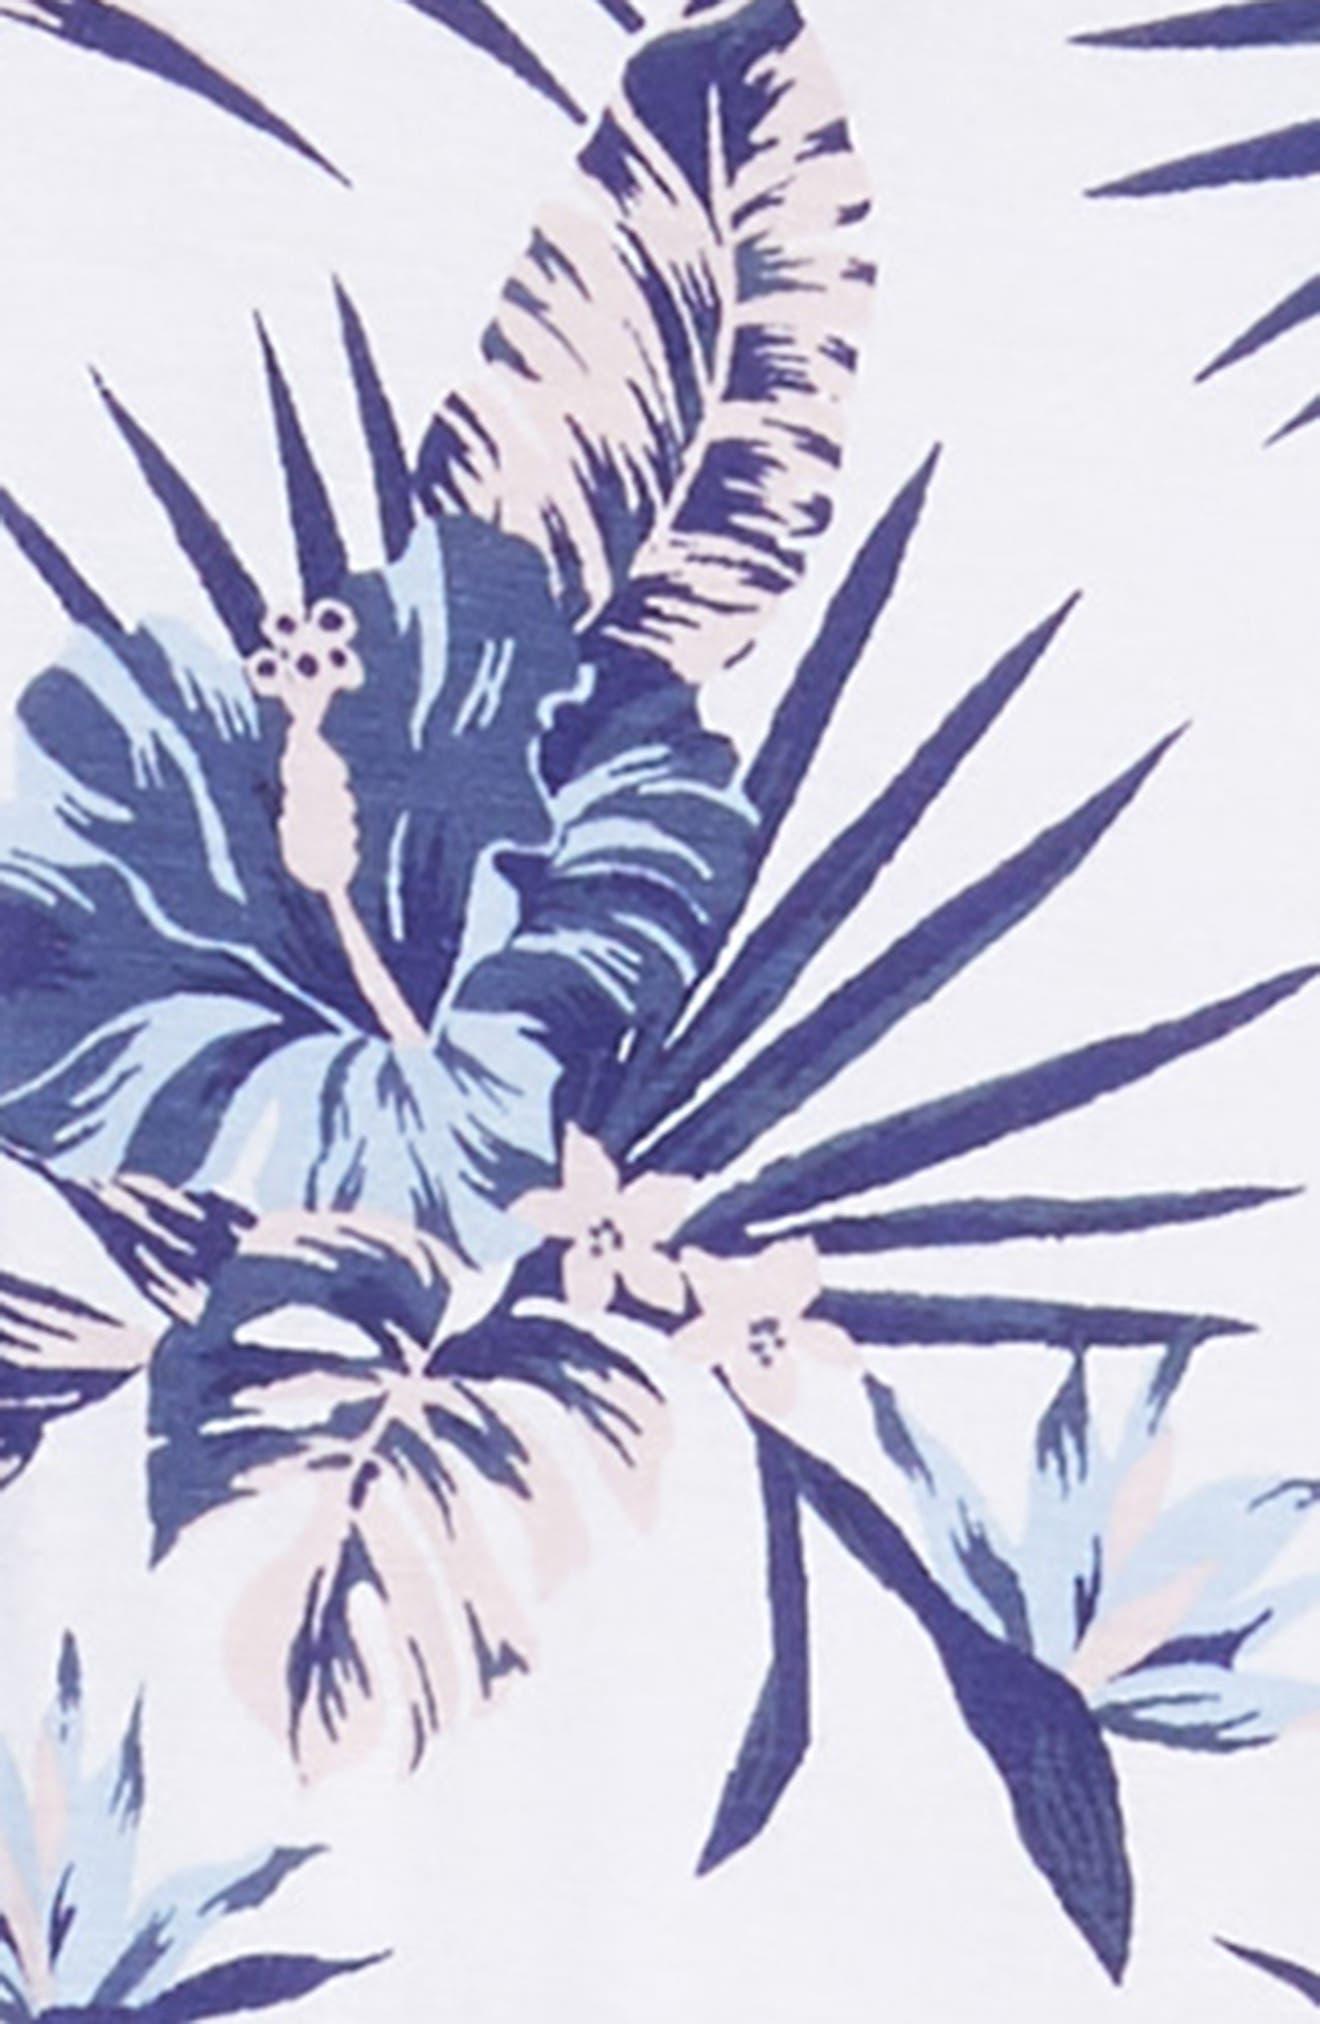 Floral Print Jumpsuit,                             Alternate thumbnail 3, color,                             White- Blue Tropical